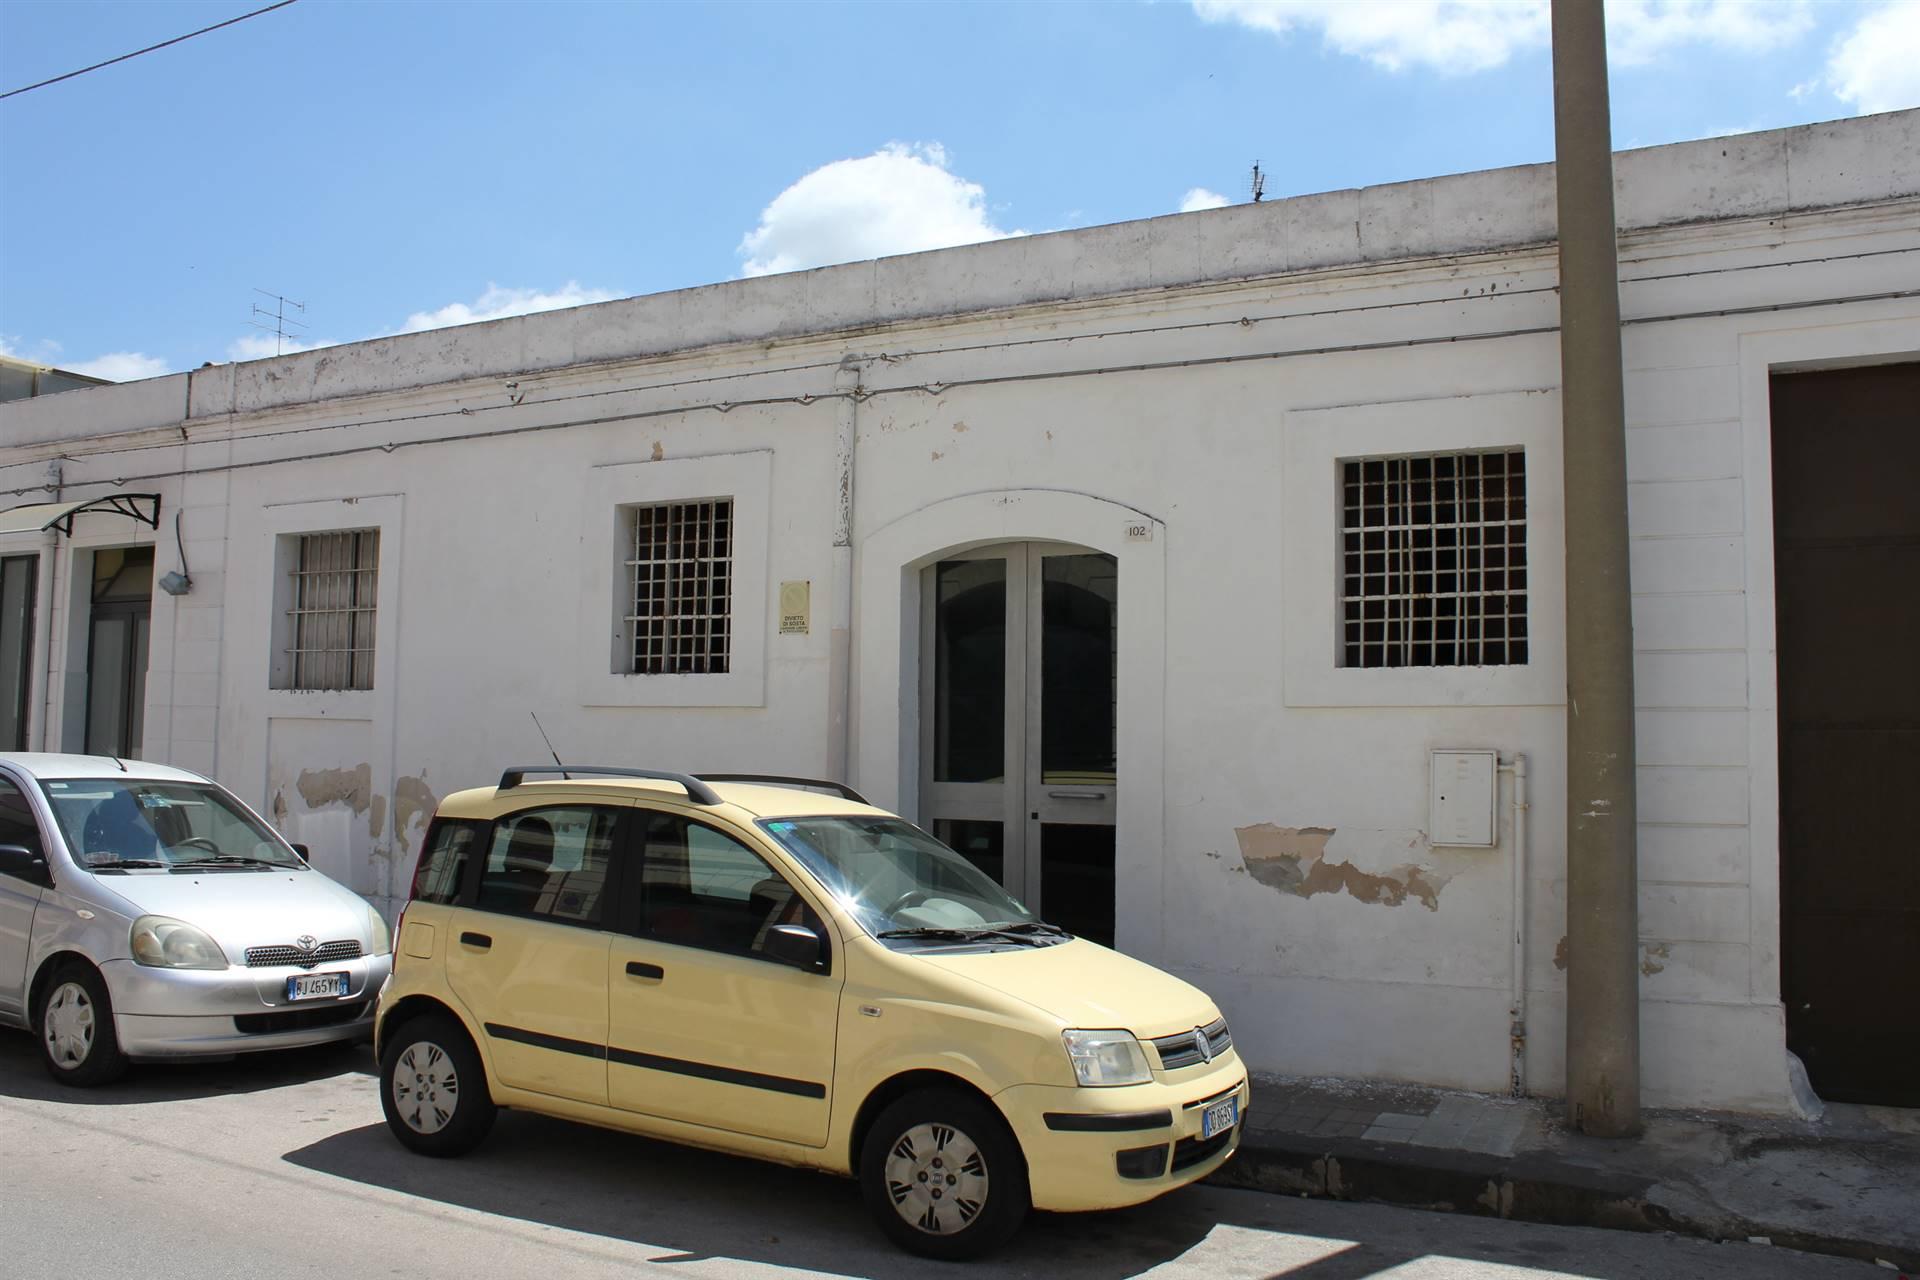 Magazzino in vendita a Floridia, 1 locali, prezzo € 45.000 | CambioCasa.it